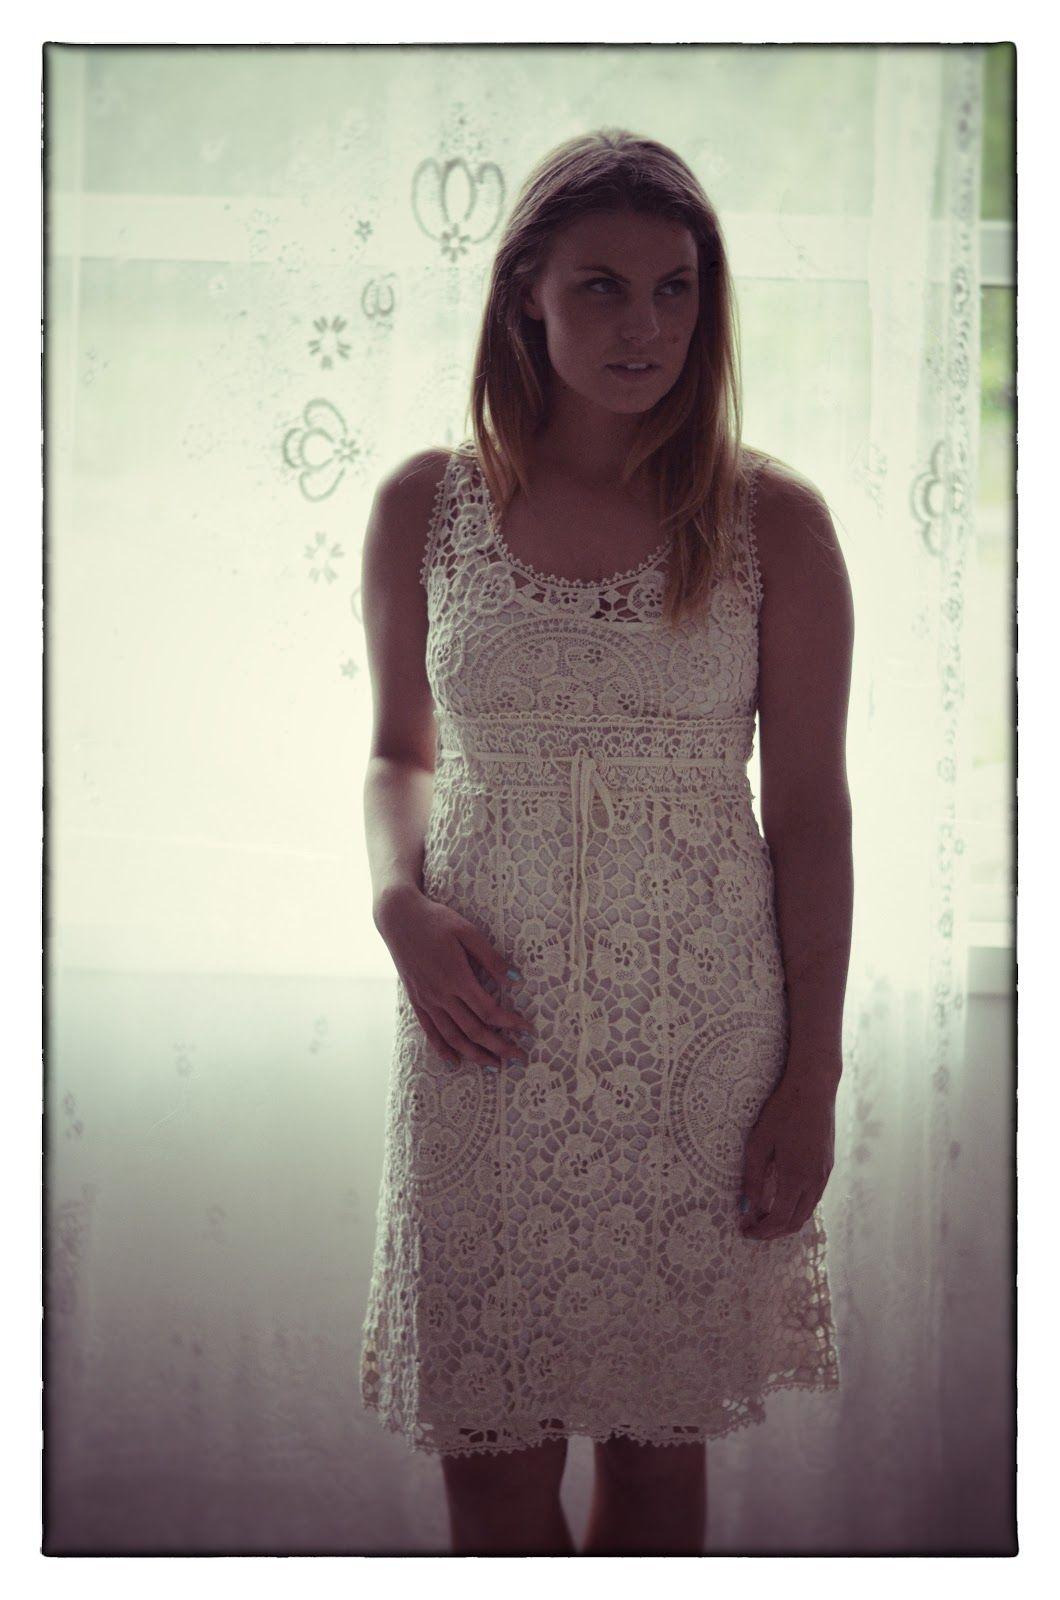 Dorothea-so gorgeous.